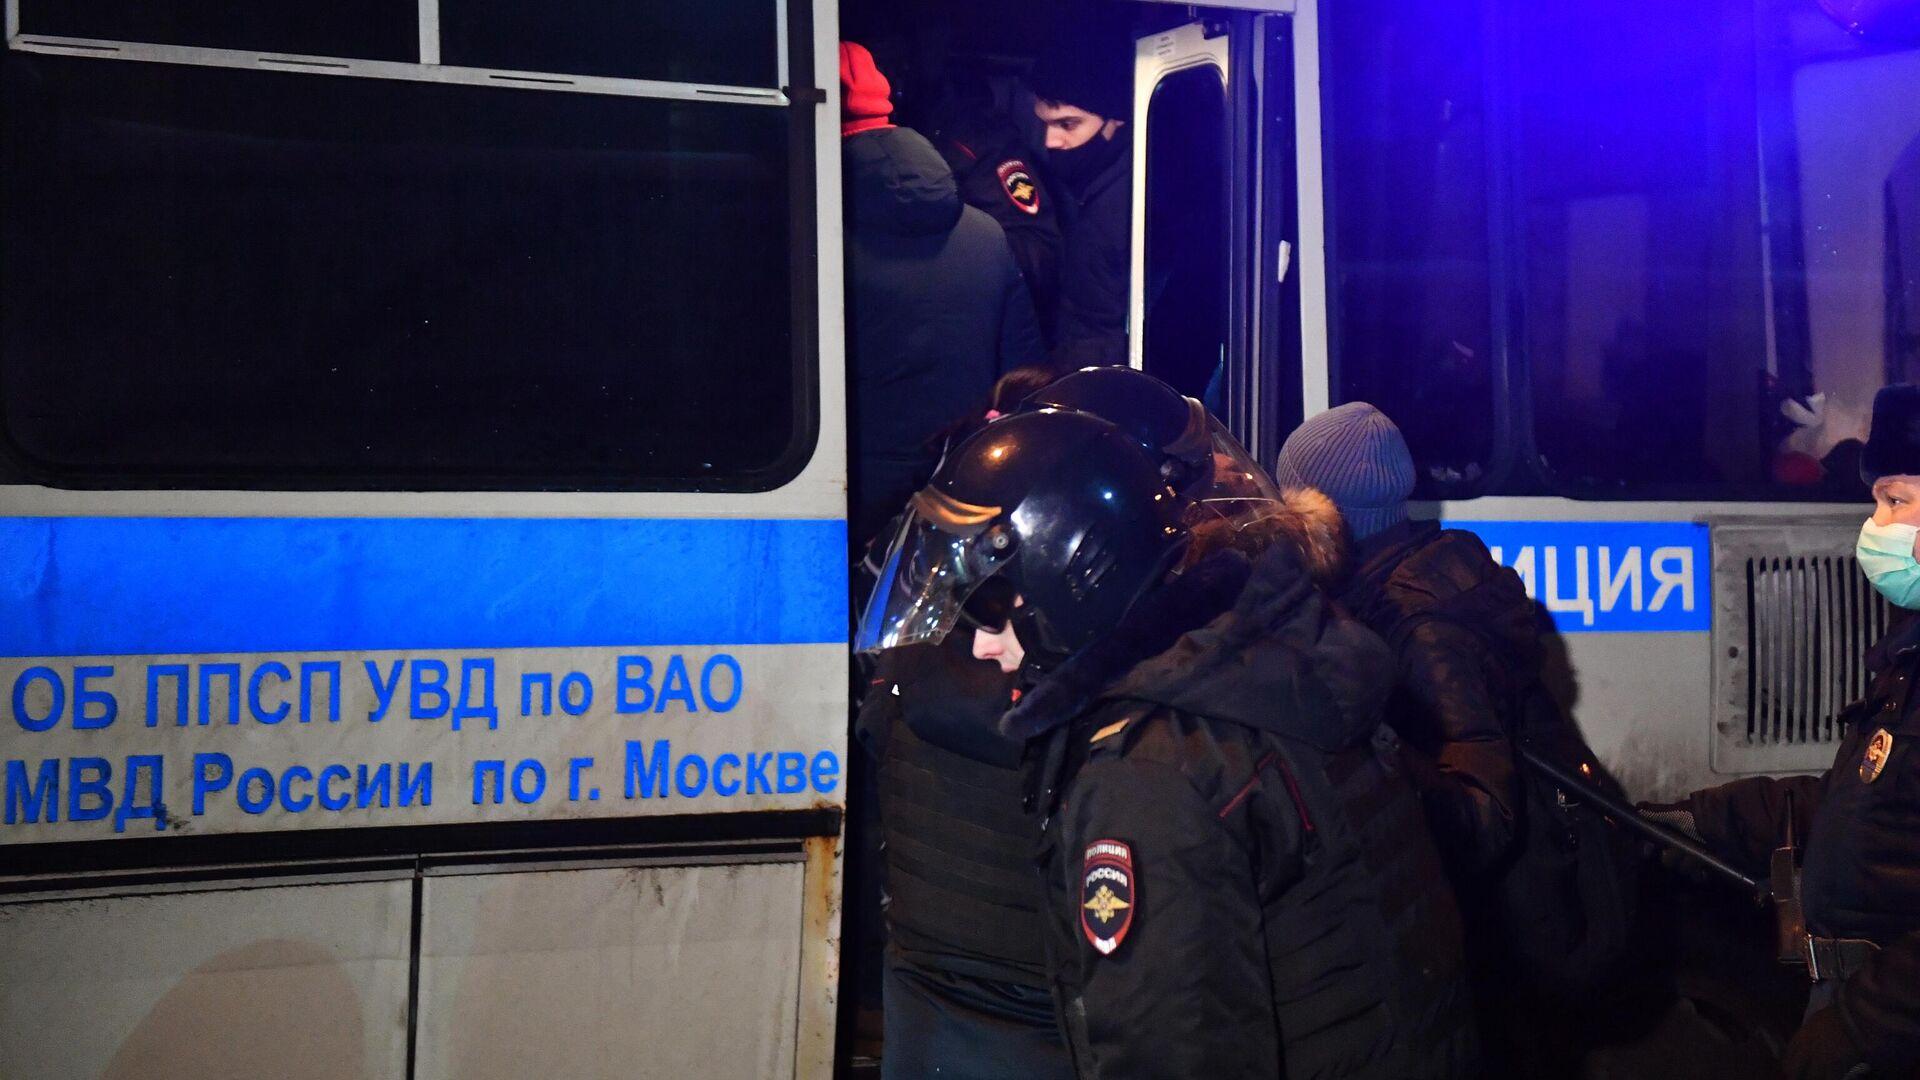 Сотрудники полиции задерживают участников несогласованной акции сторонников Алексея Навального у СИЗО Матросская Тишина в Москве - РИА Новости, 1920, 04.02.2021